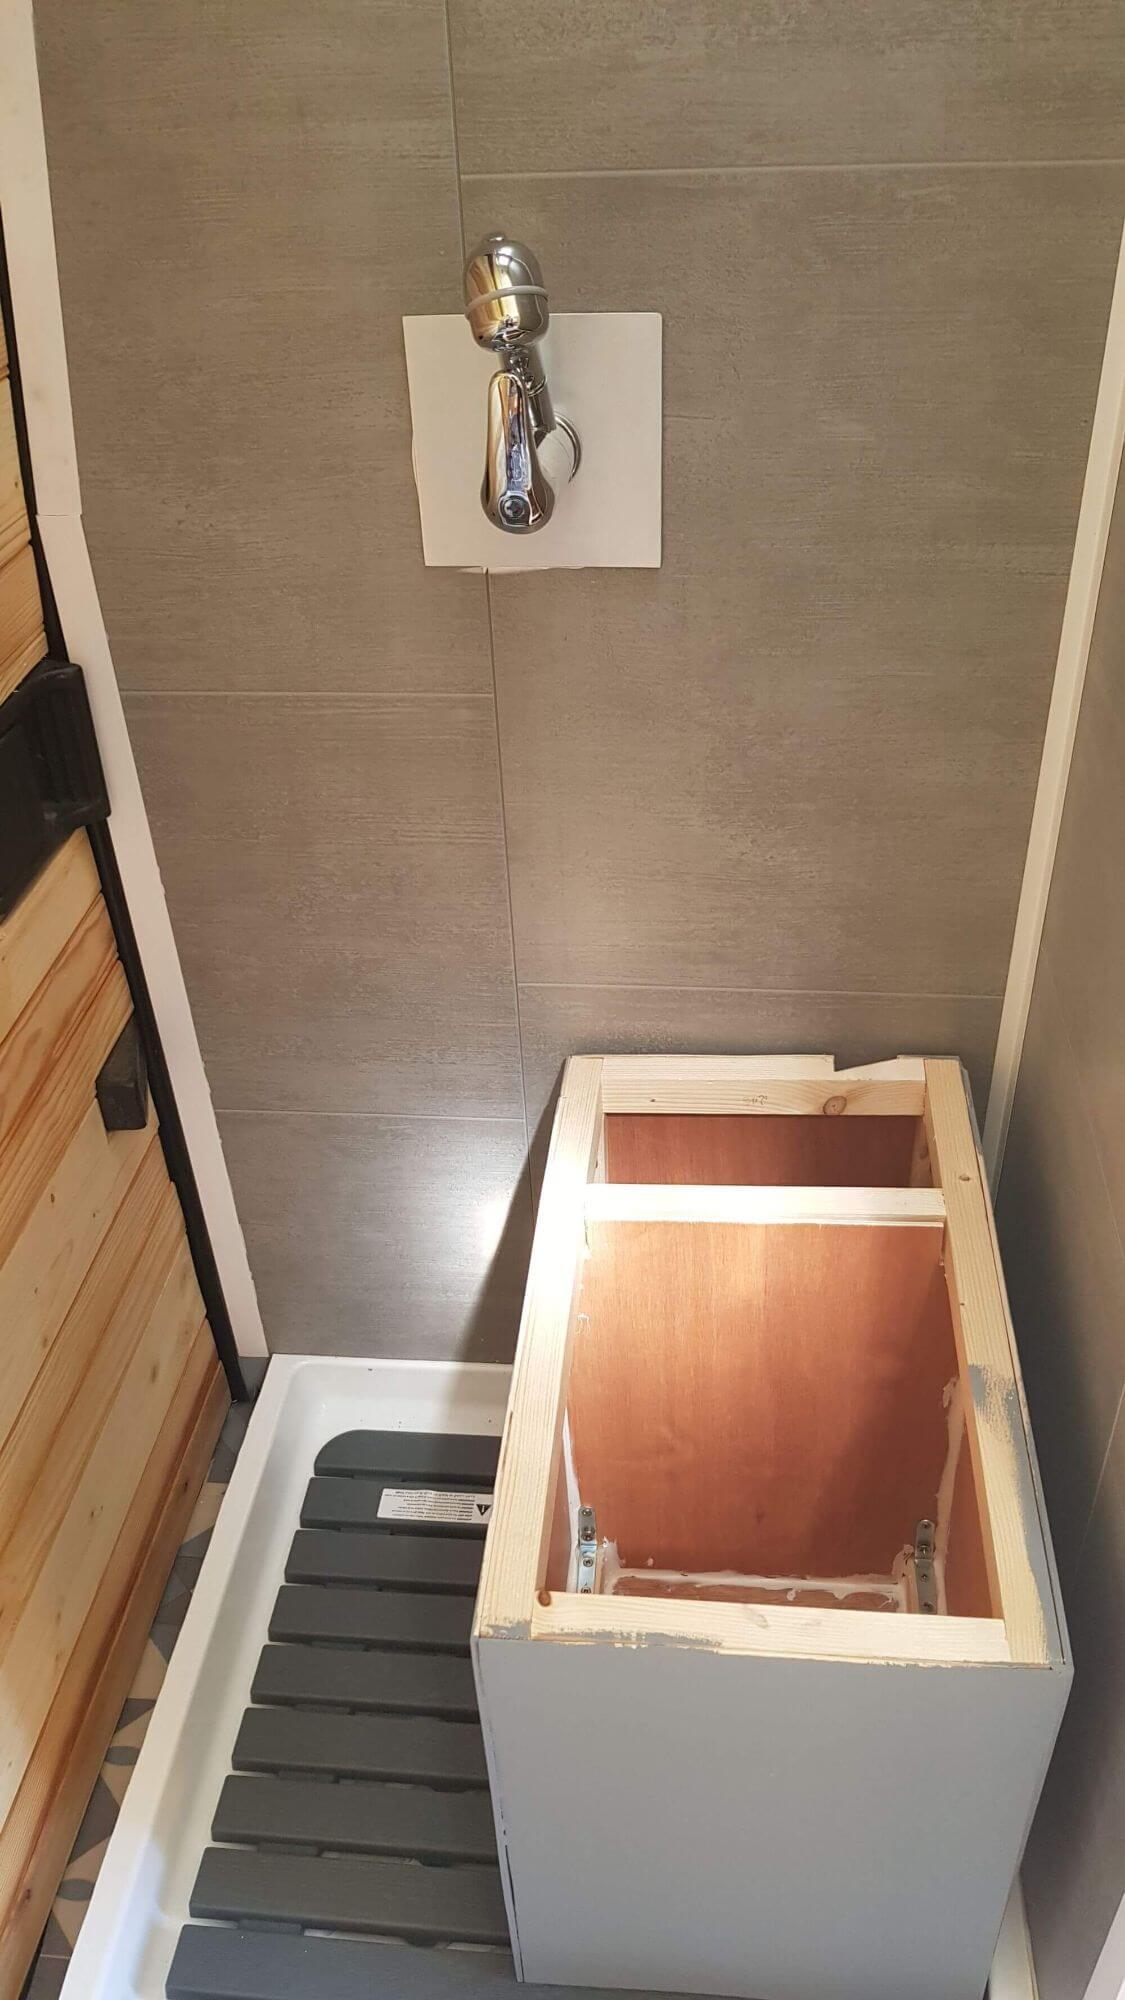 emplacement toilettes seches, toilettes seches douche